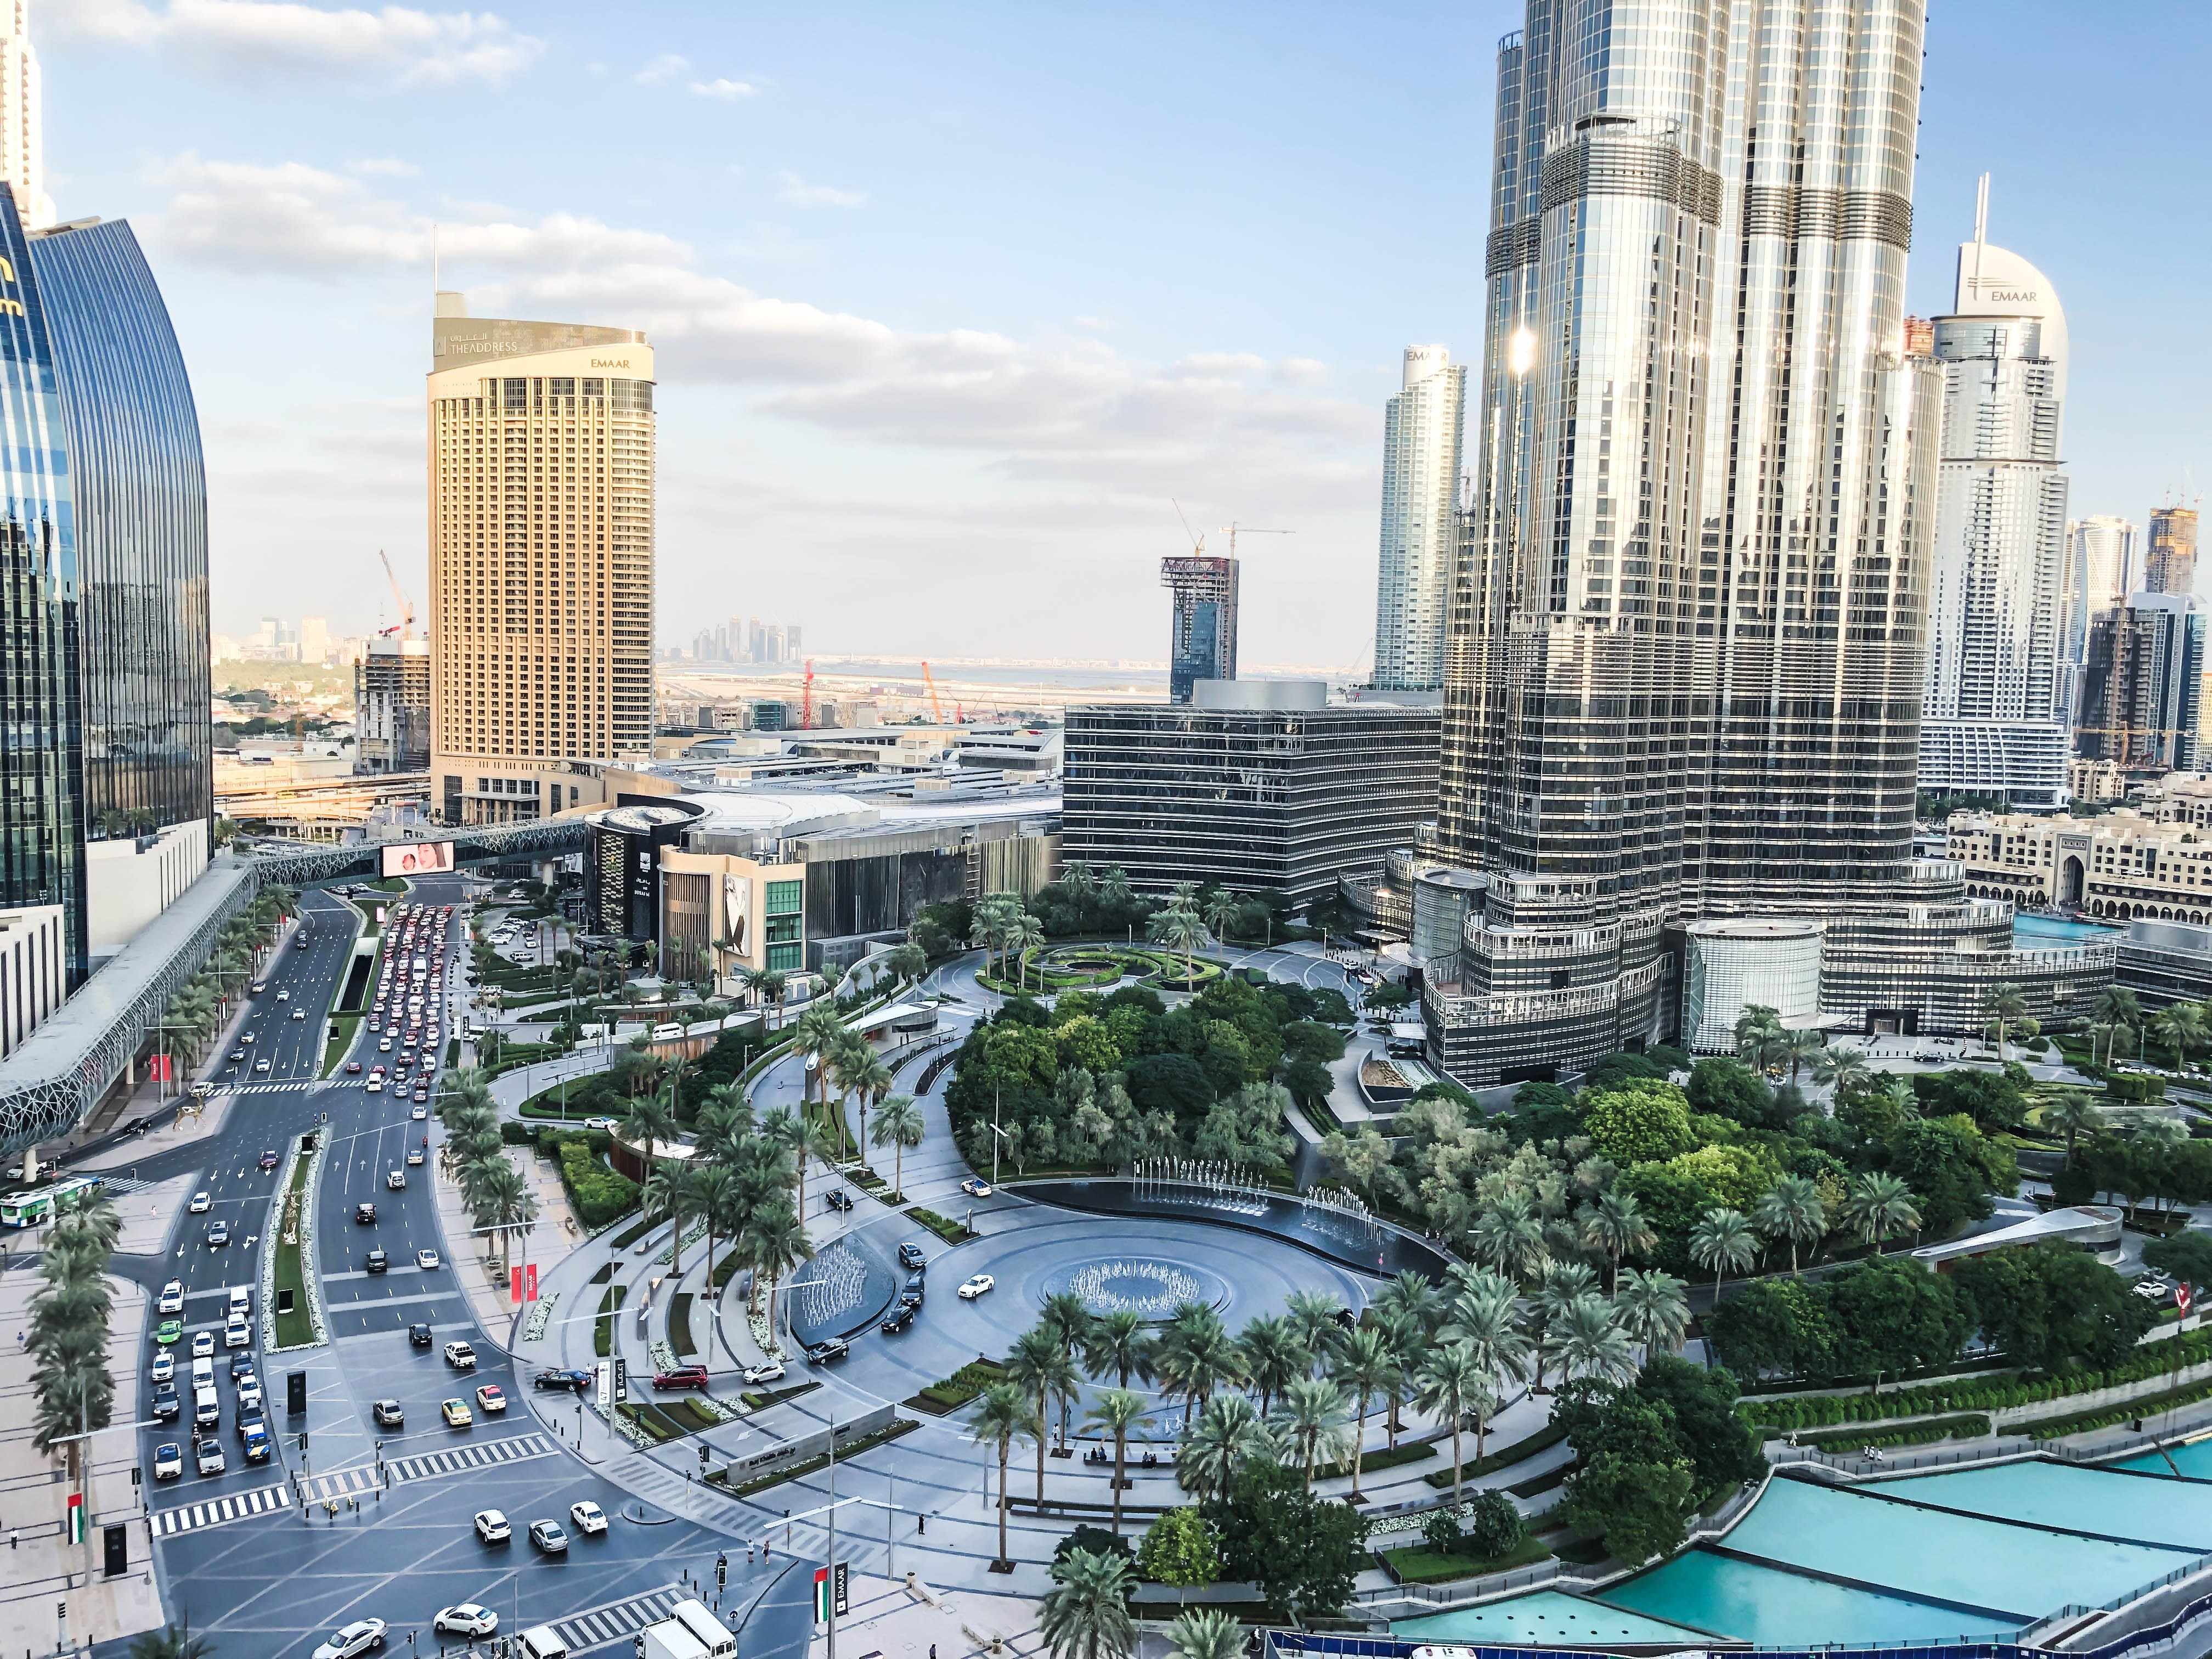 Dubai Bucket List: Things to Do in Dubai For an Unforgettable Trip!